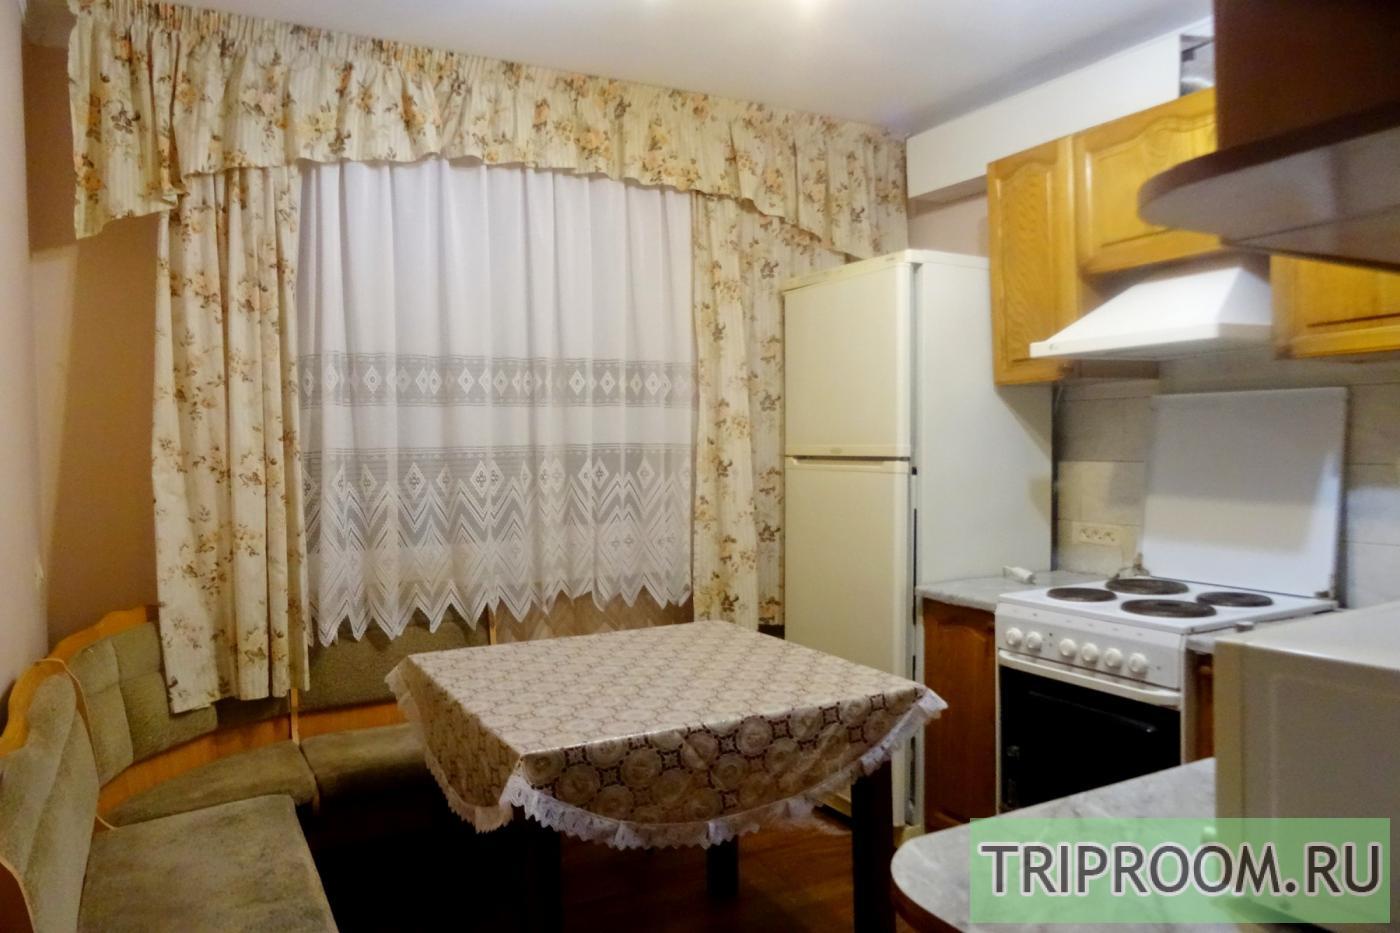 2-комнатная квартира посуточно (вариант № 35123), ул. Красина улица, фото № 2